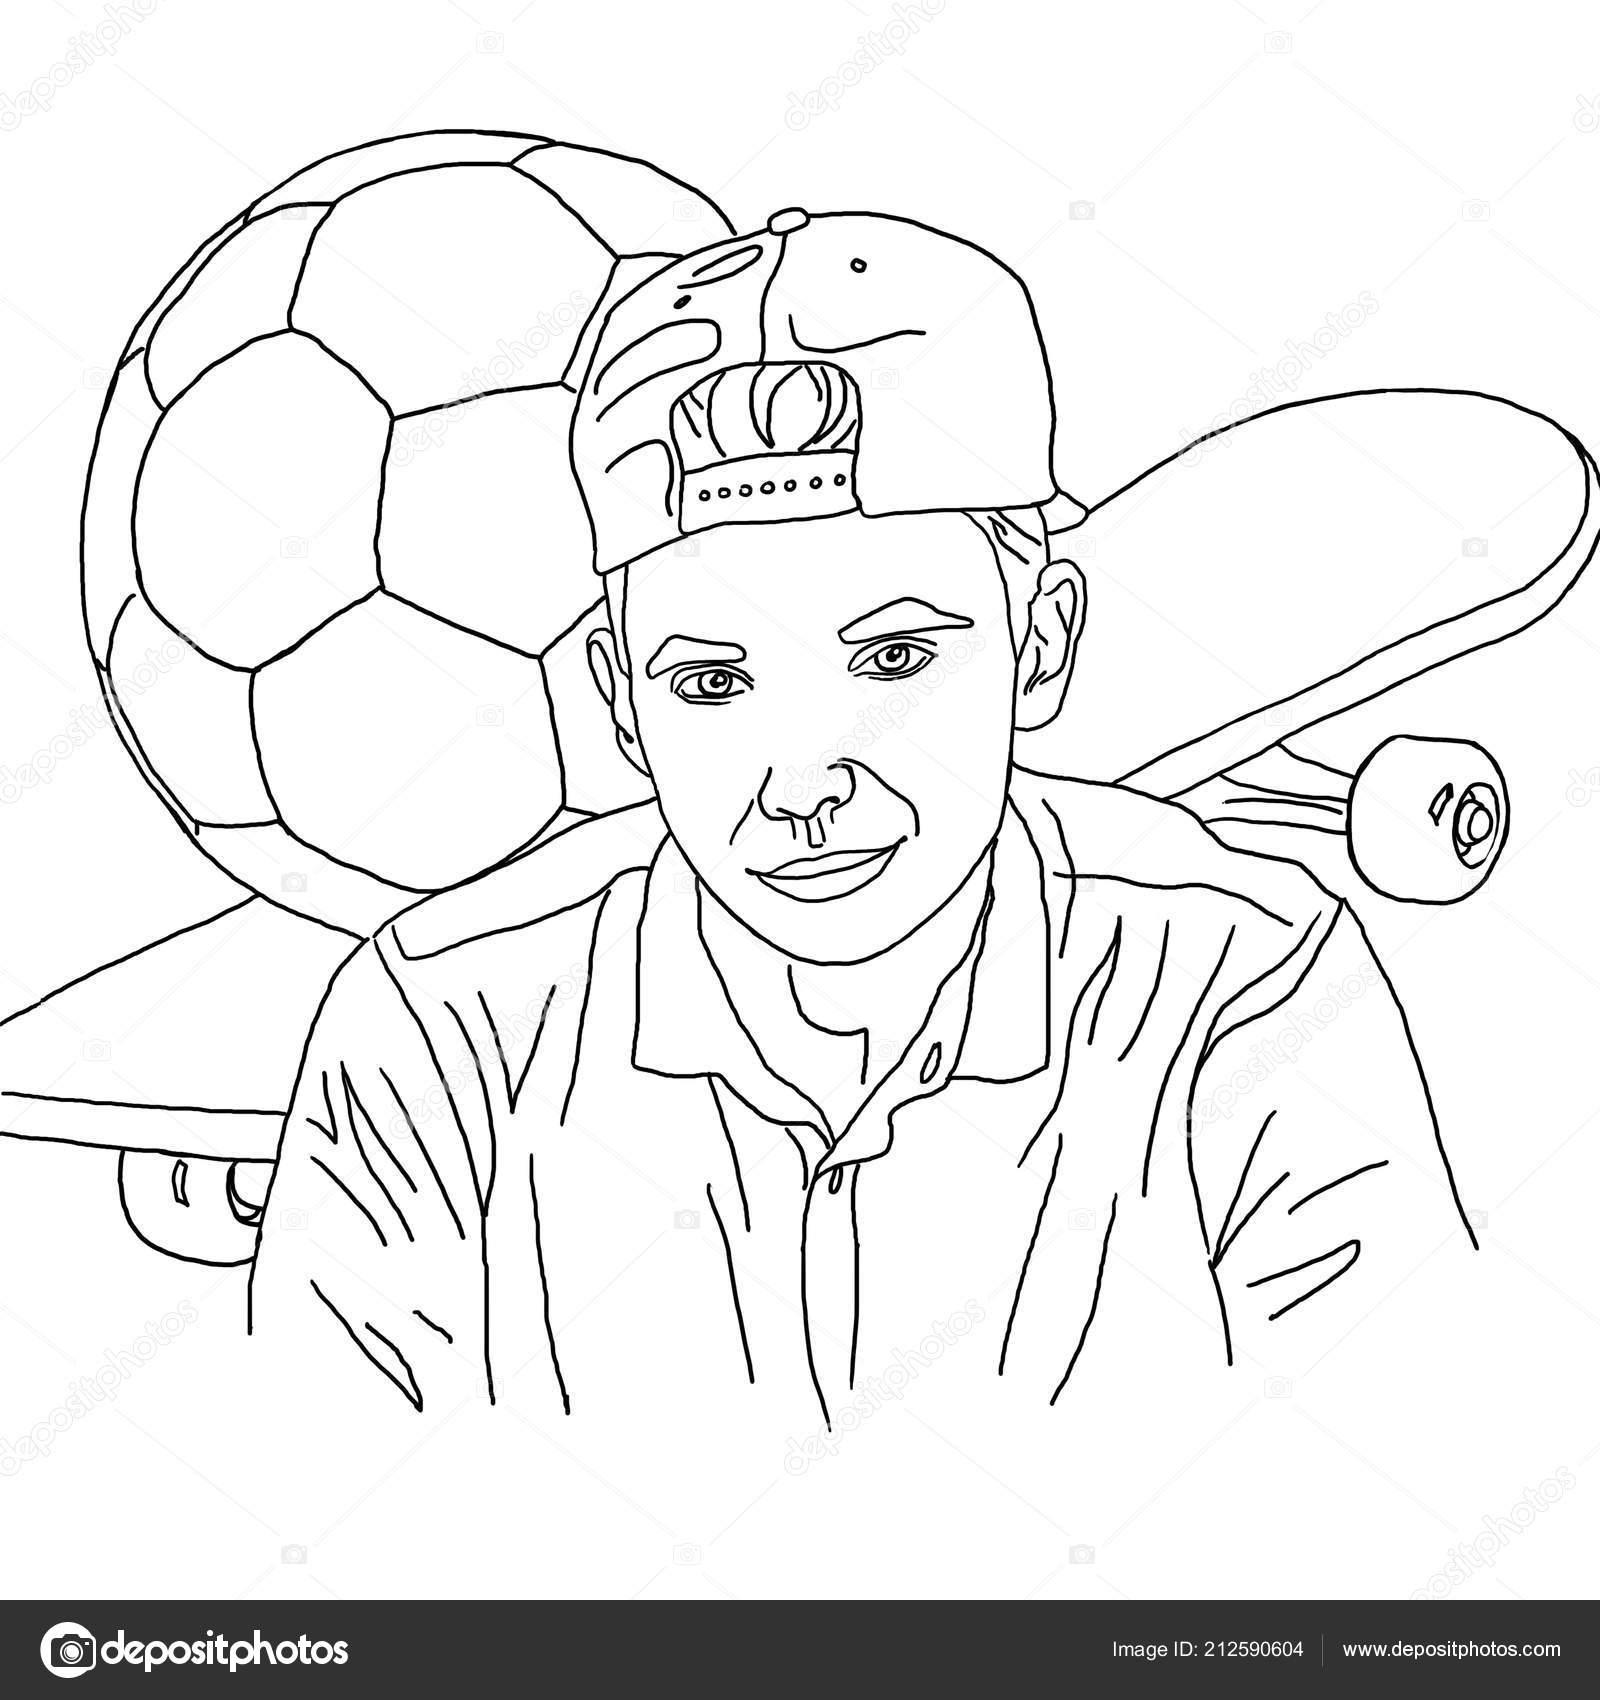 Disegni Colorare Lineare Disegno Ragazzo Adolescente Skateboard